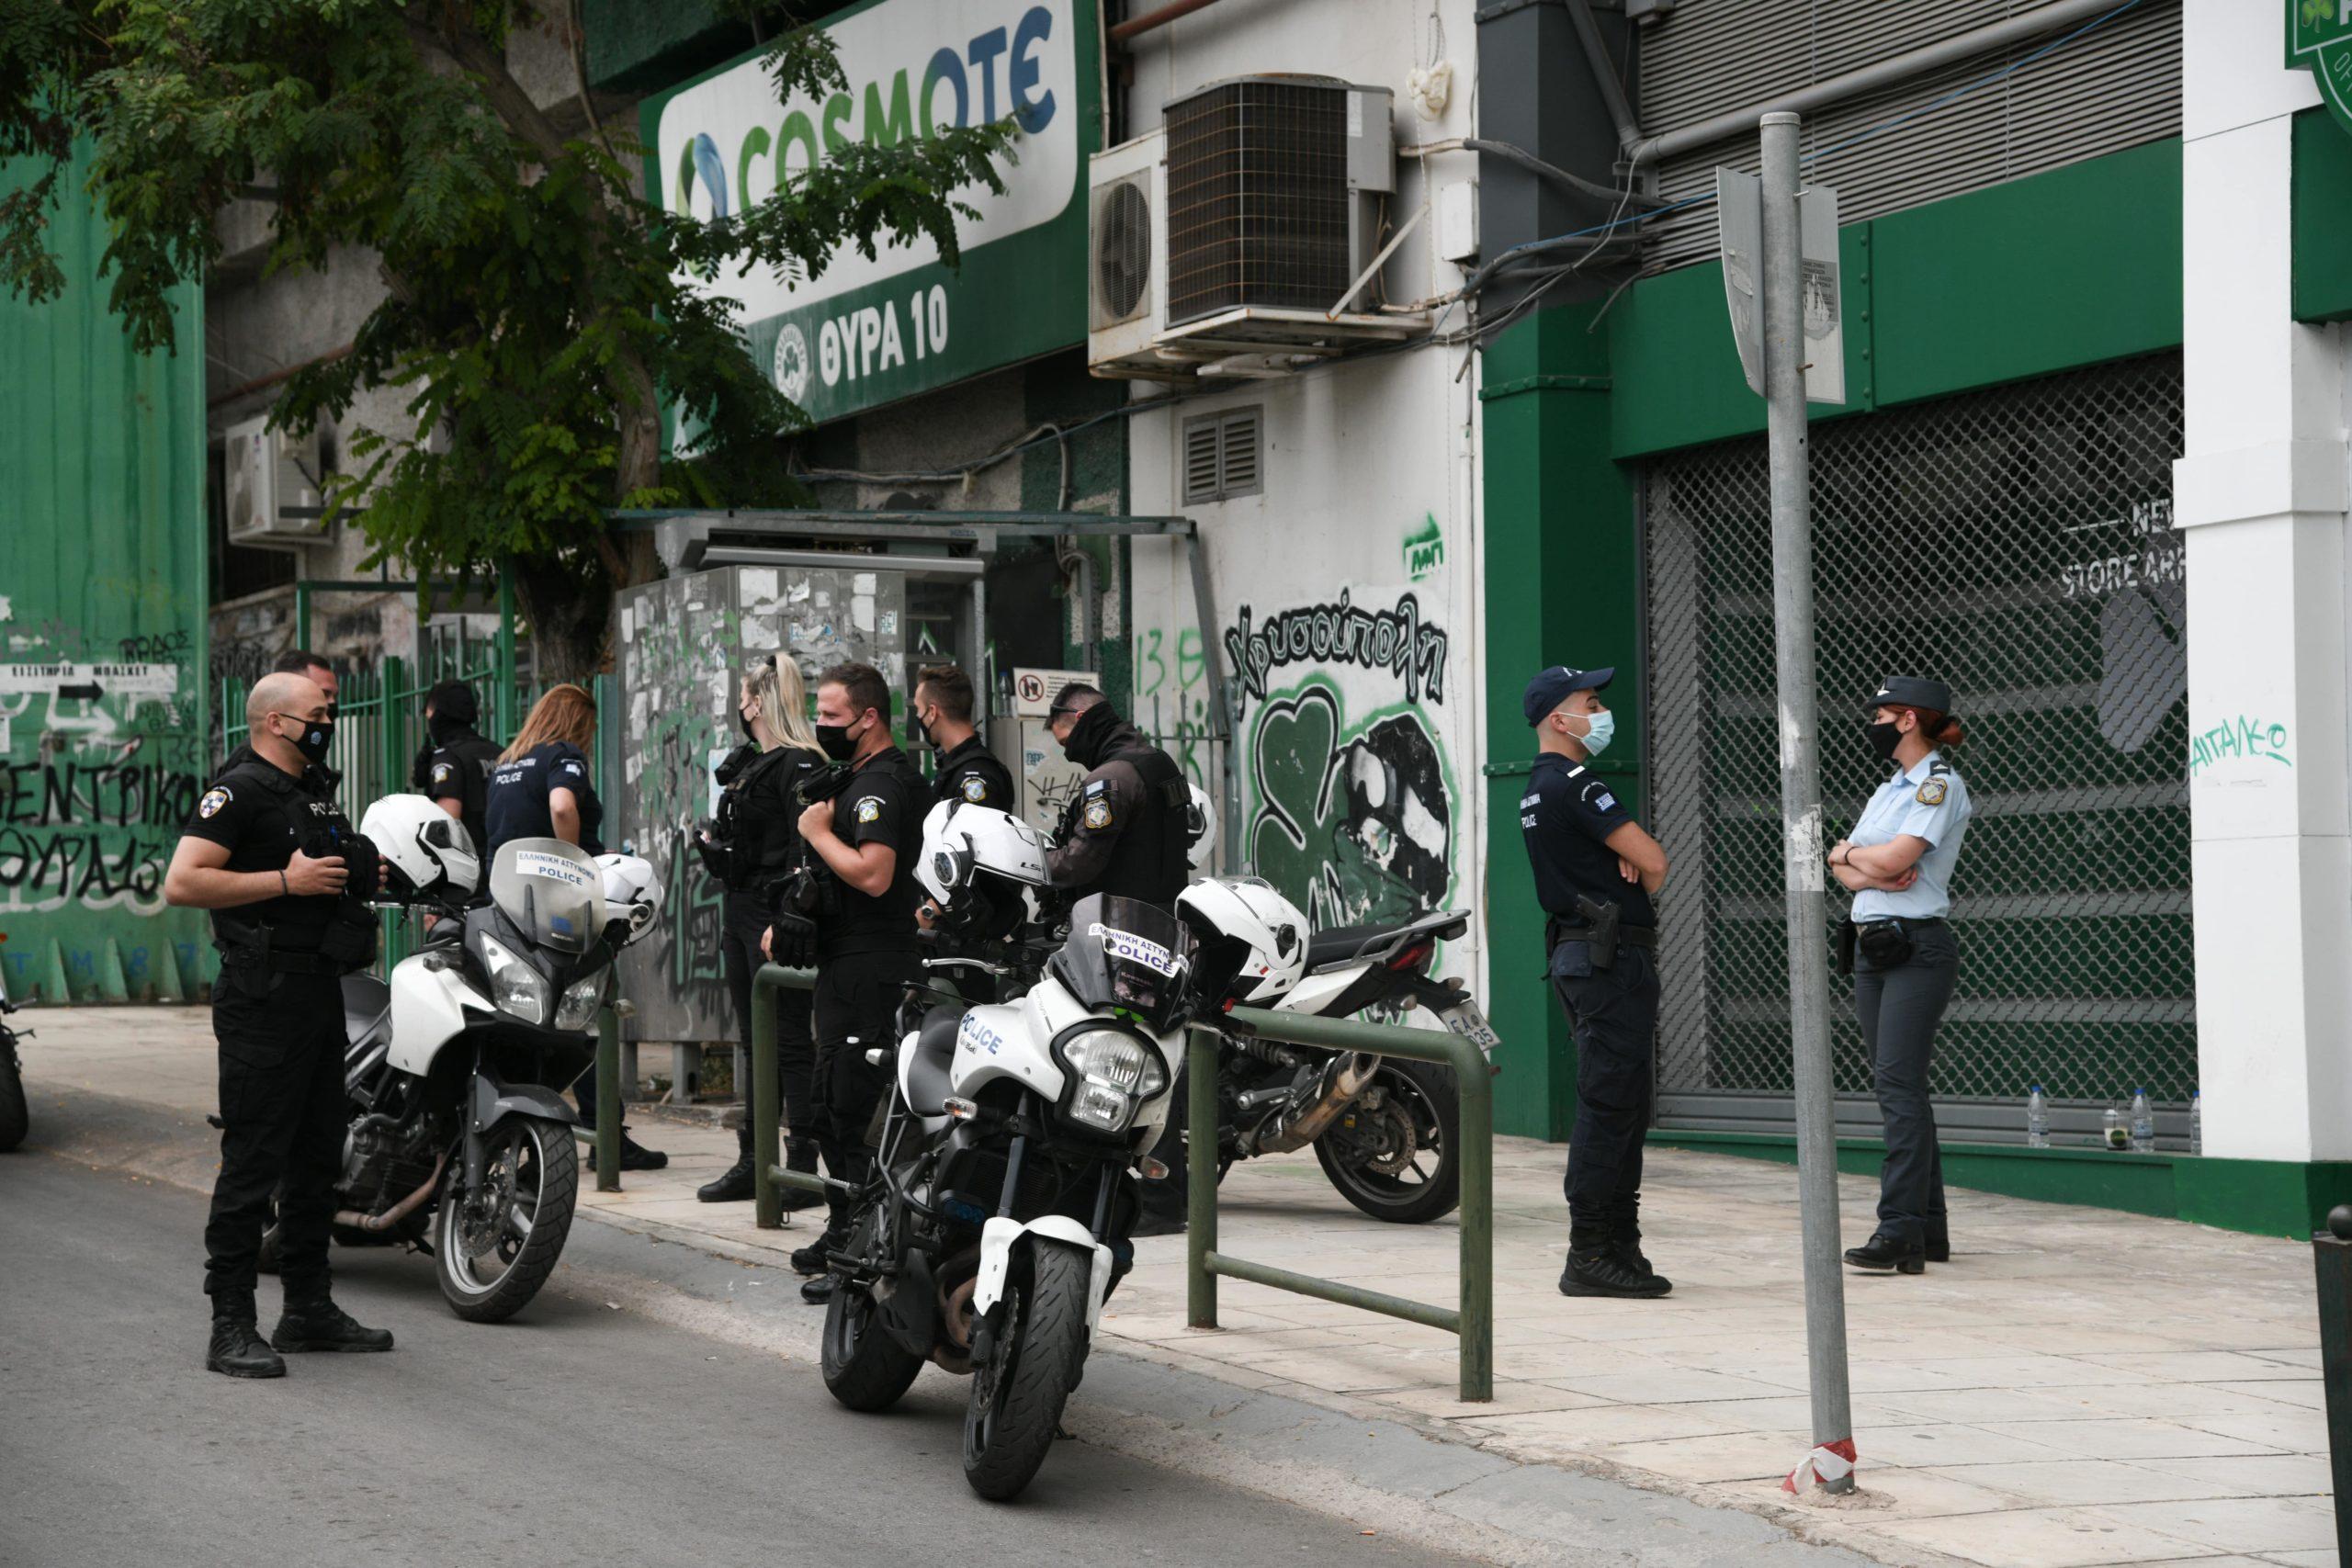 «Αστακός» η Λεωφόρος, αντίδραση Γιαννακόπουλου για τα... τανκς! (εικόνες)